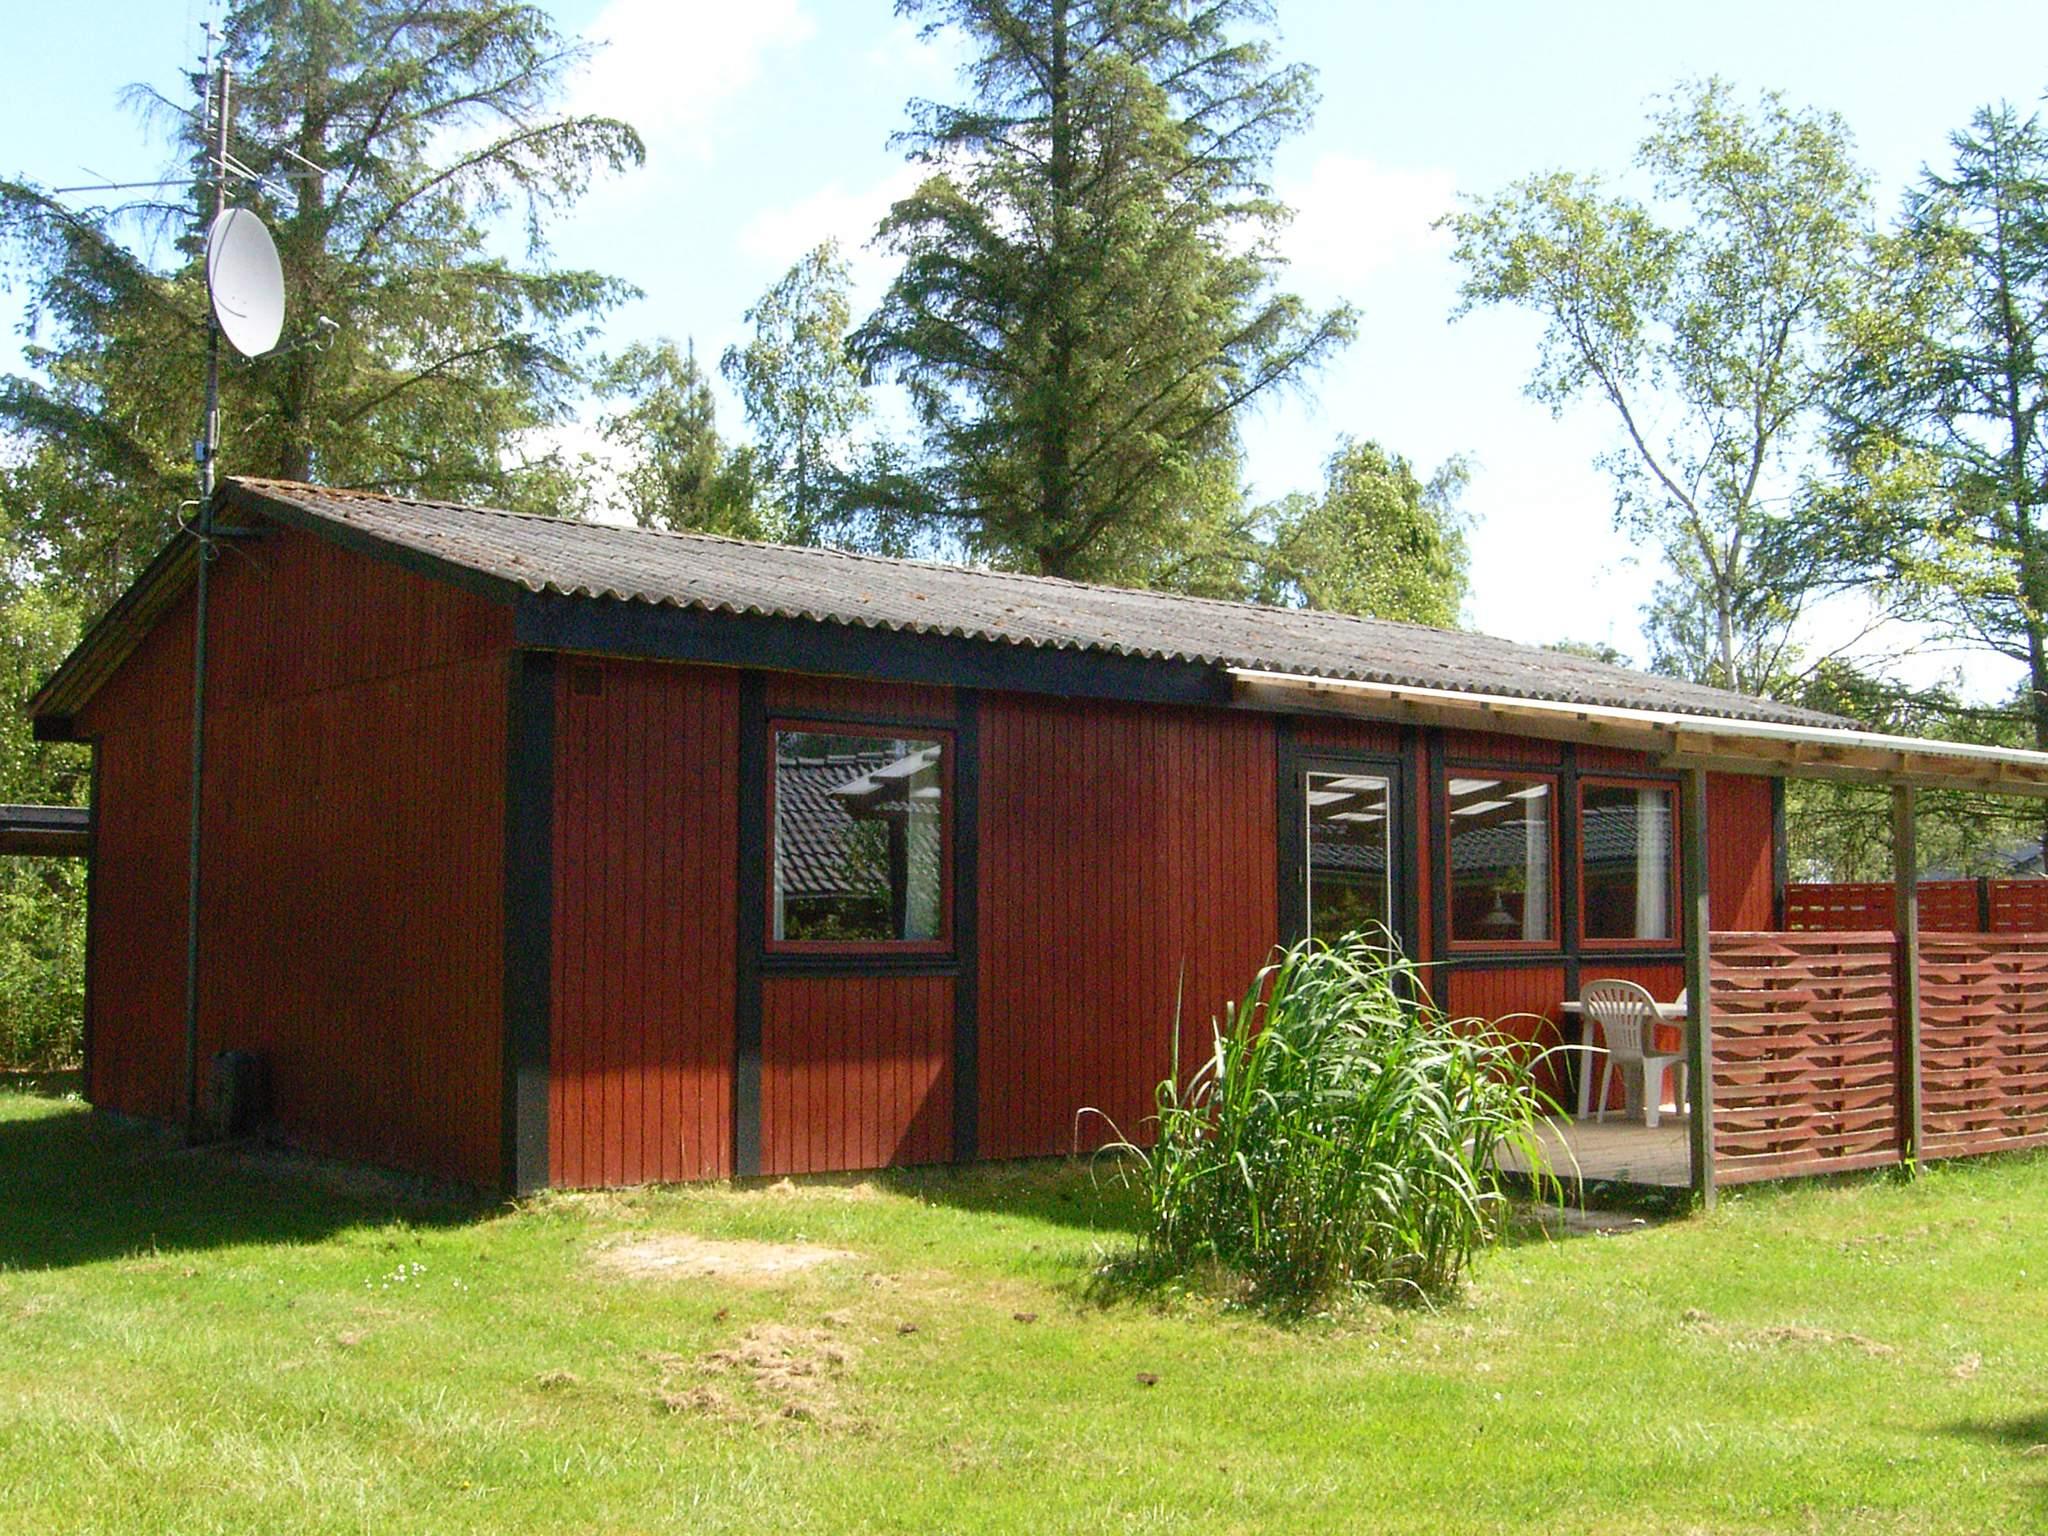 Ferienhaus Marielyst (87201), Marielyst, , Falster, Dänemark, Bild 1